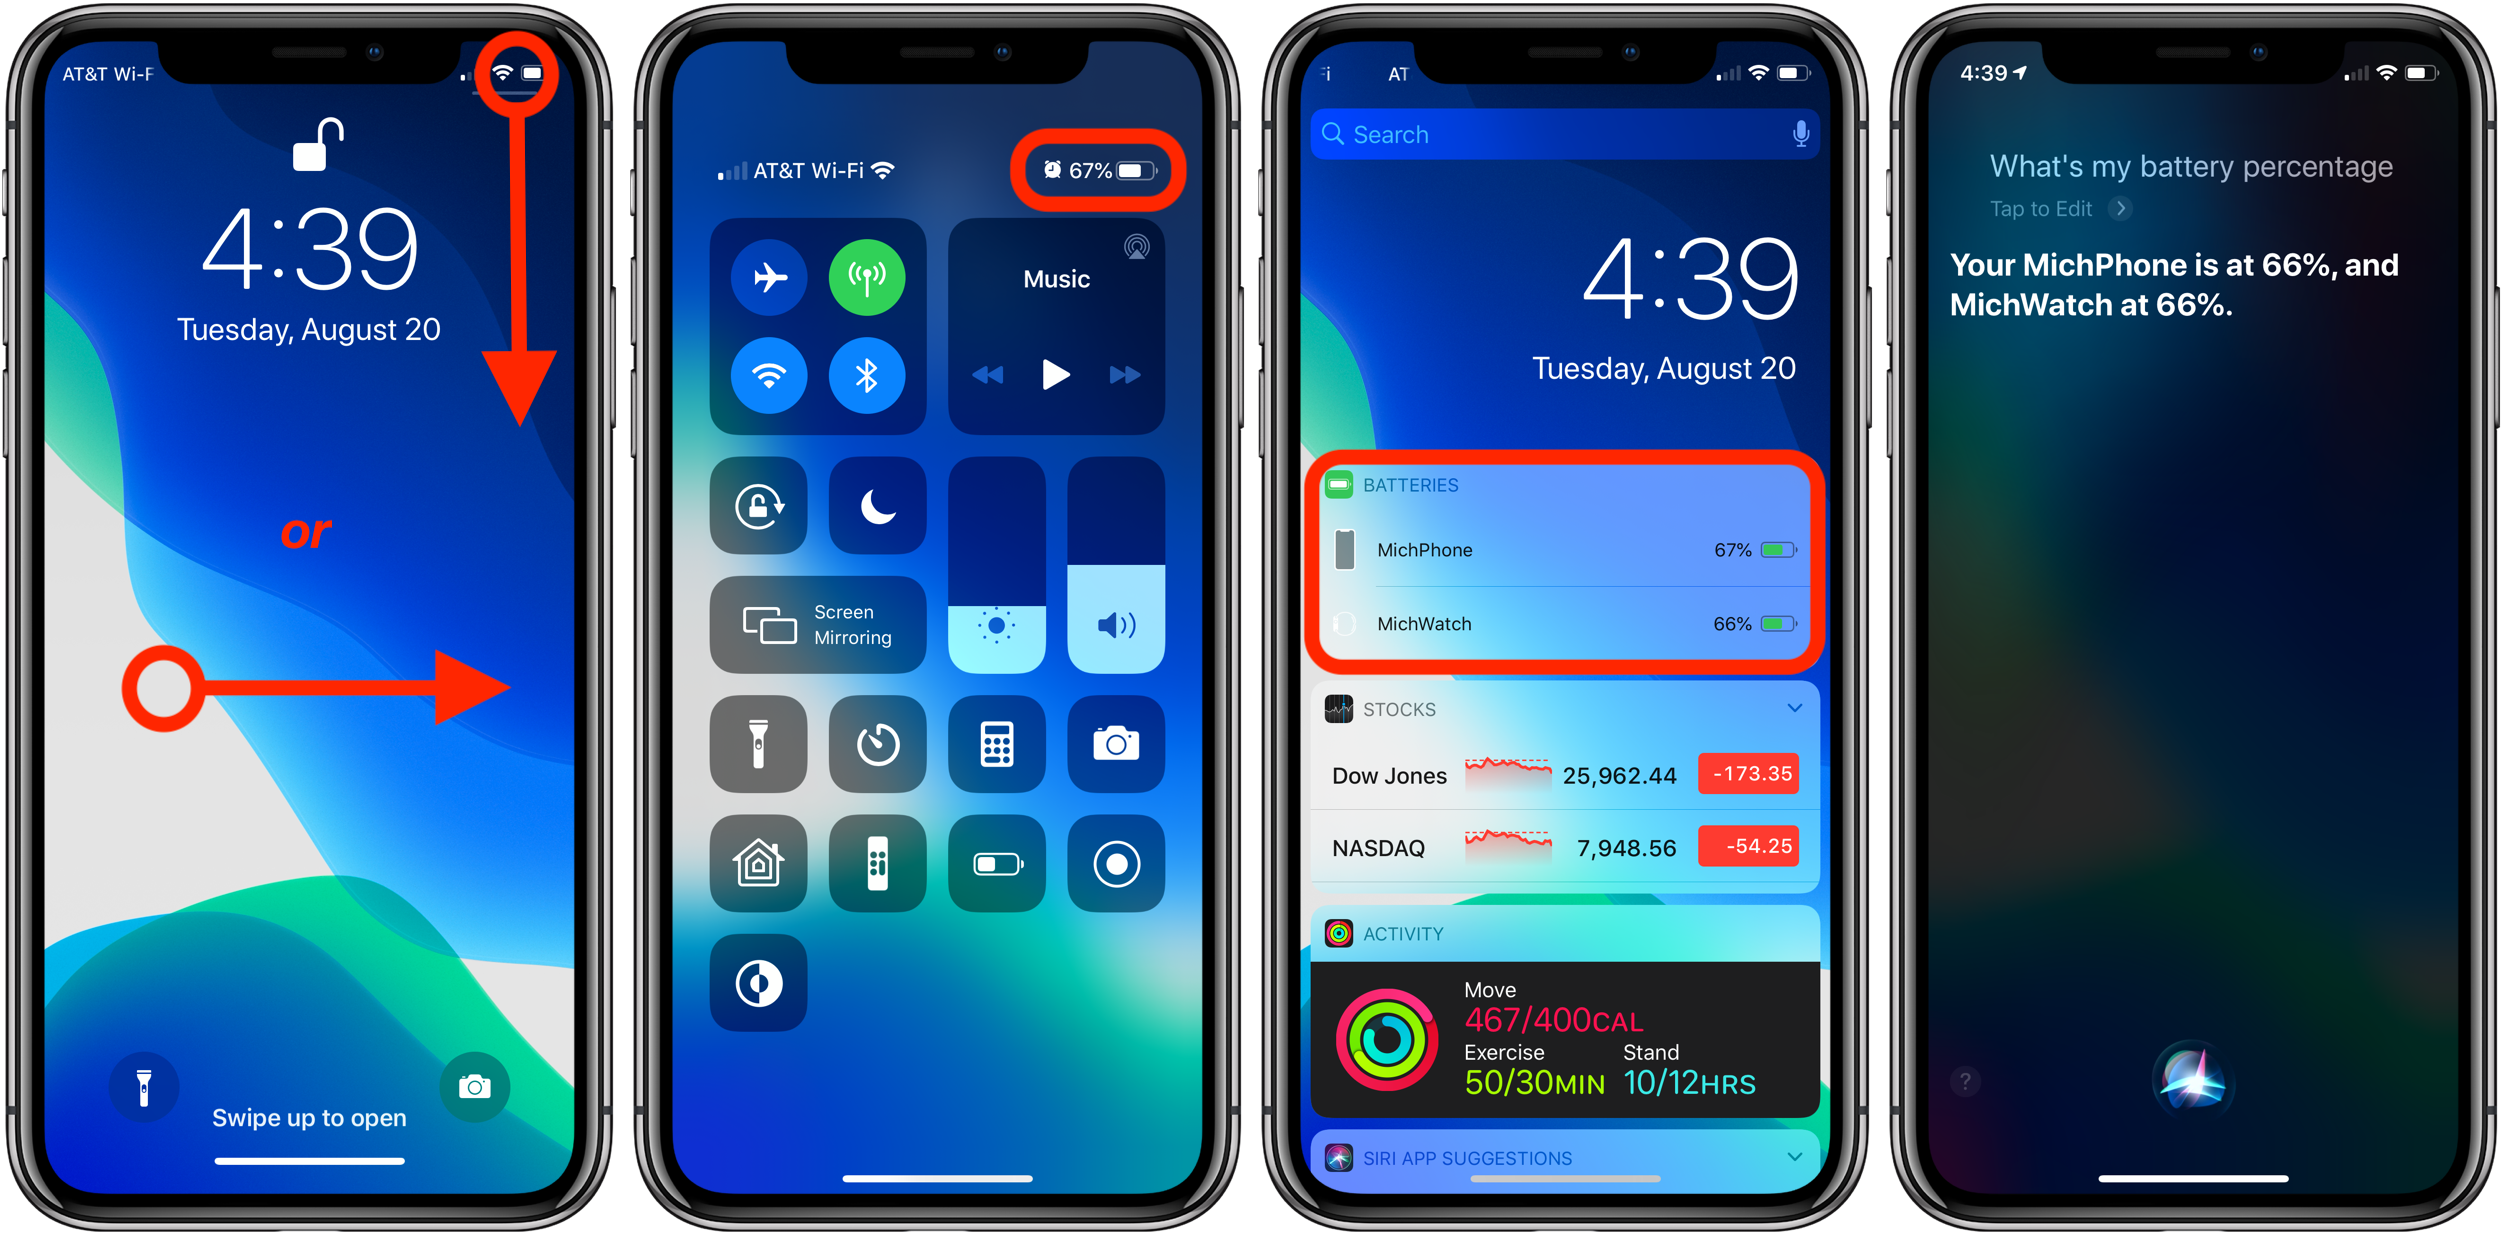 """<span href=""""https://9to5mac.com/2019/08/20/show-iphone-battery-percentage/"""">Cómo mostrar porcentaje batería en el iPhone 11</a>"""